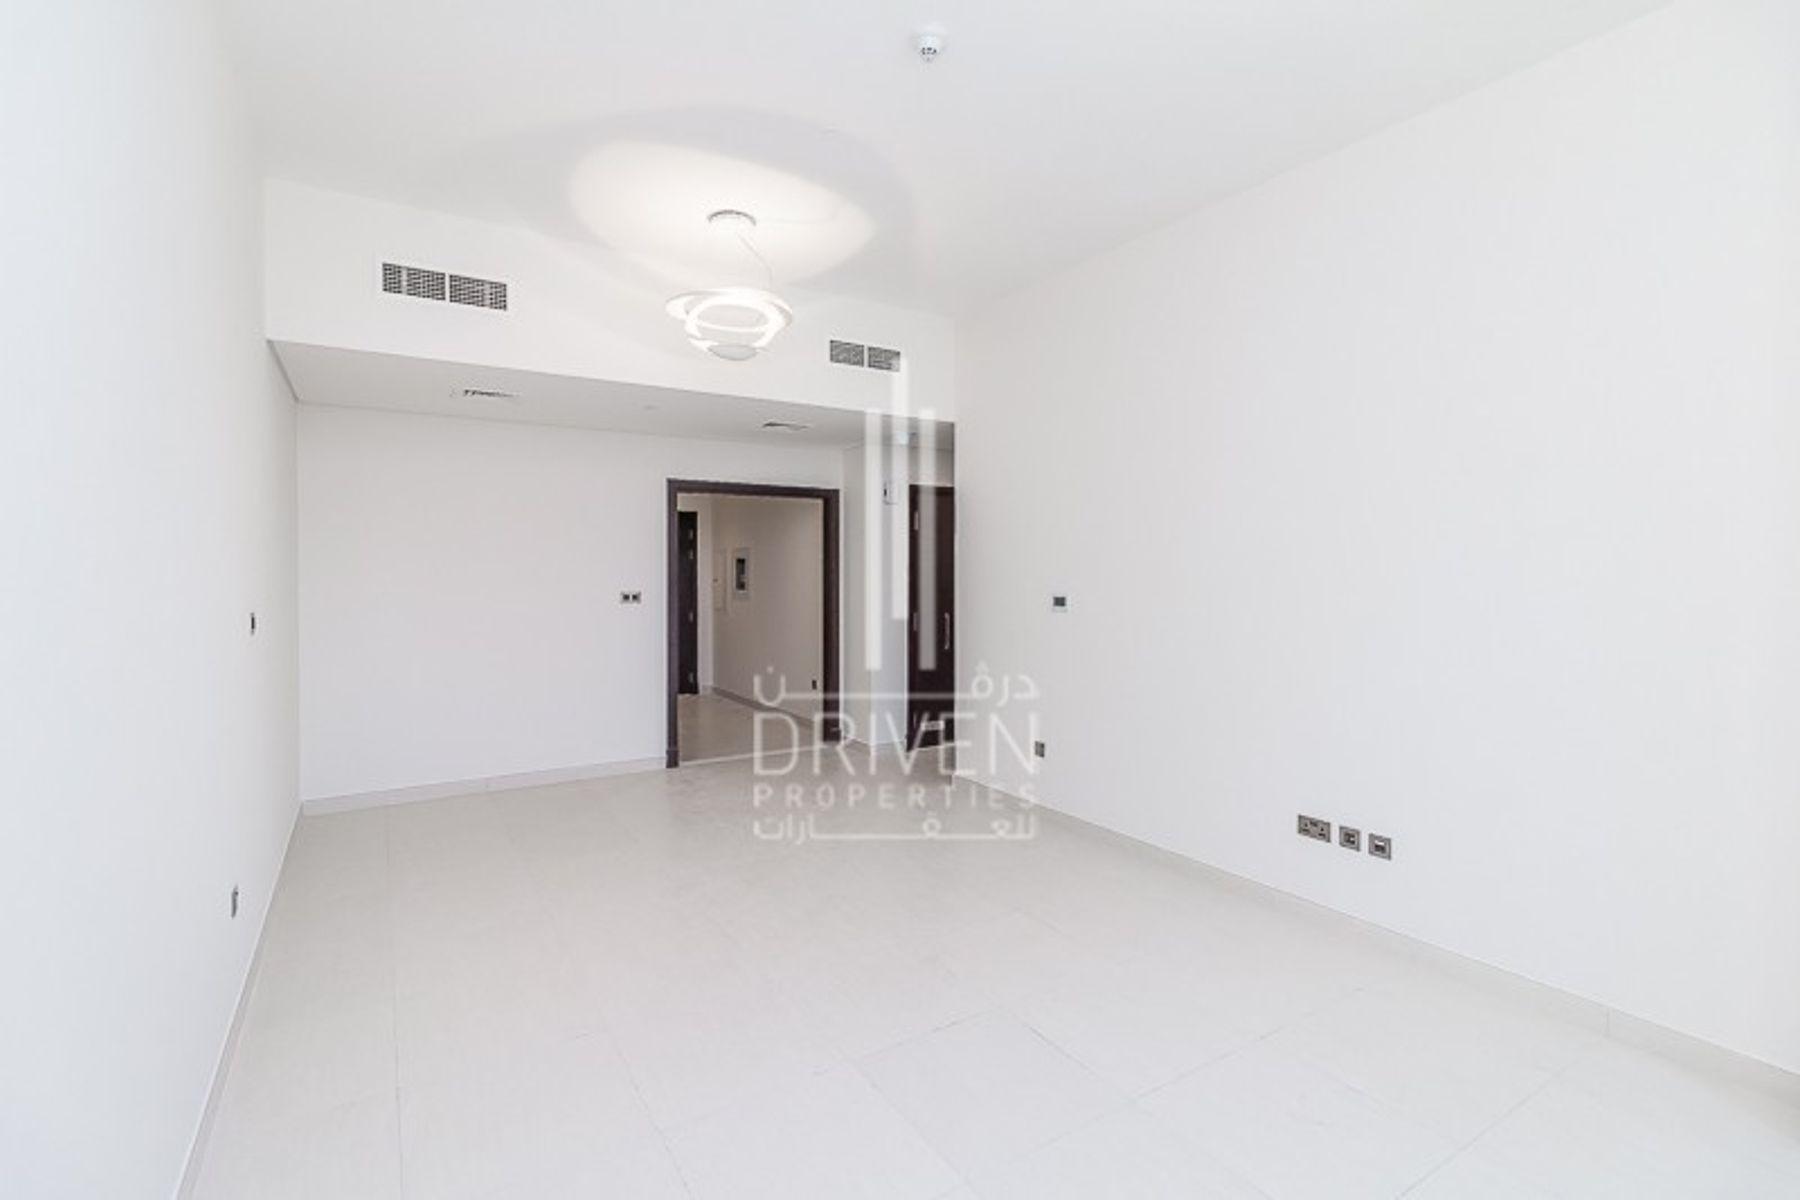 للبيع - شقة - بهوان تاور داون تاون - دبي وسط المدينة